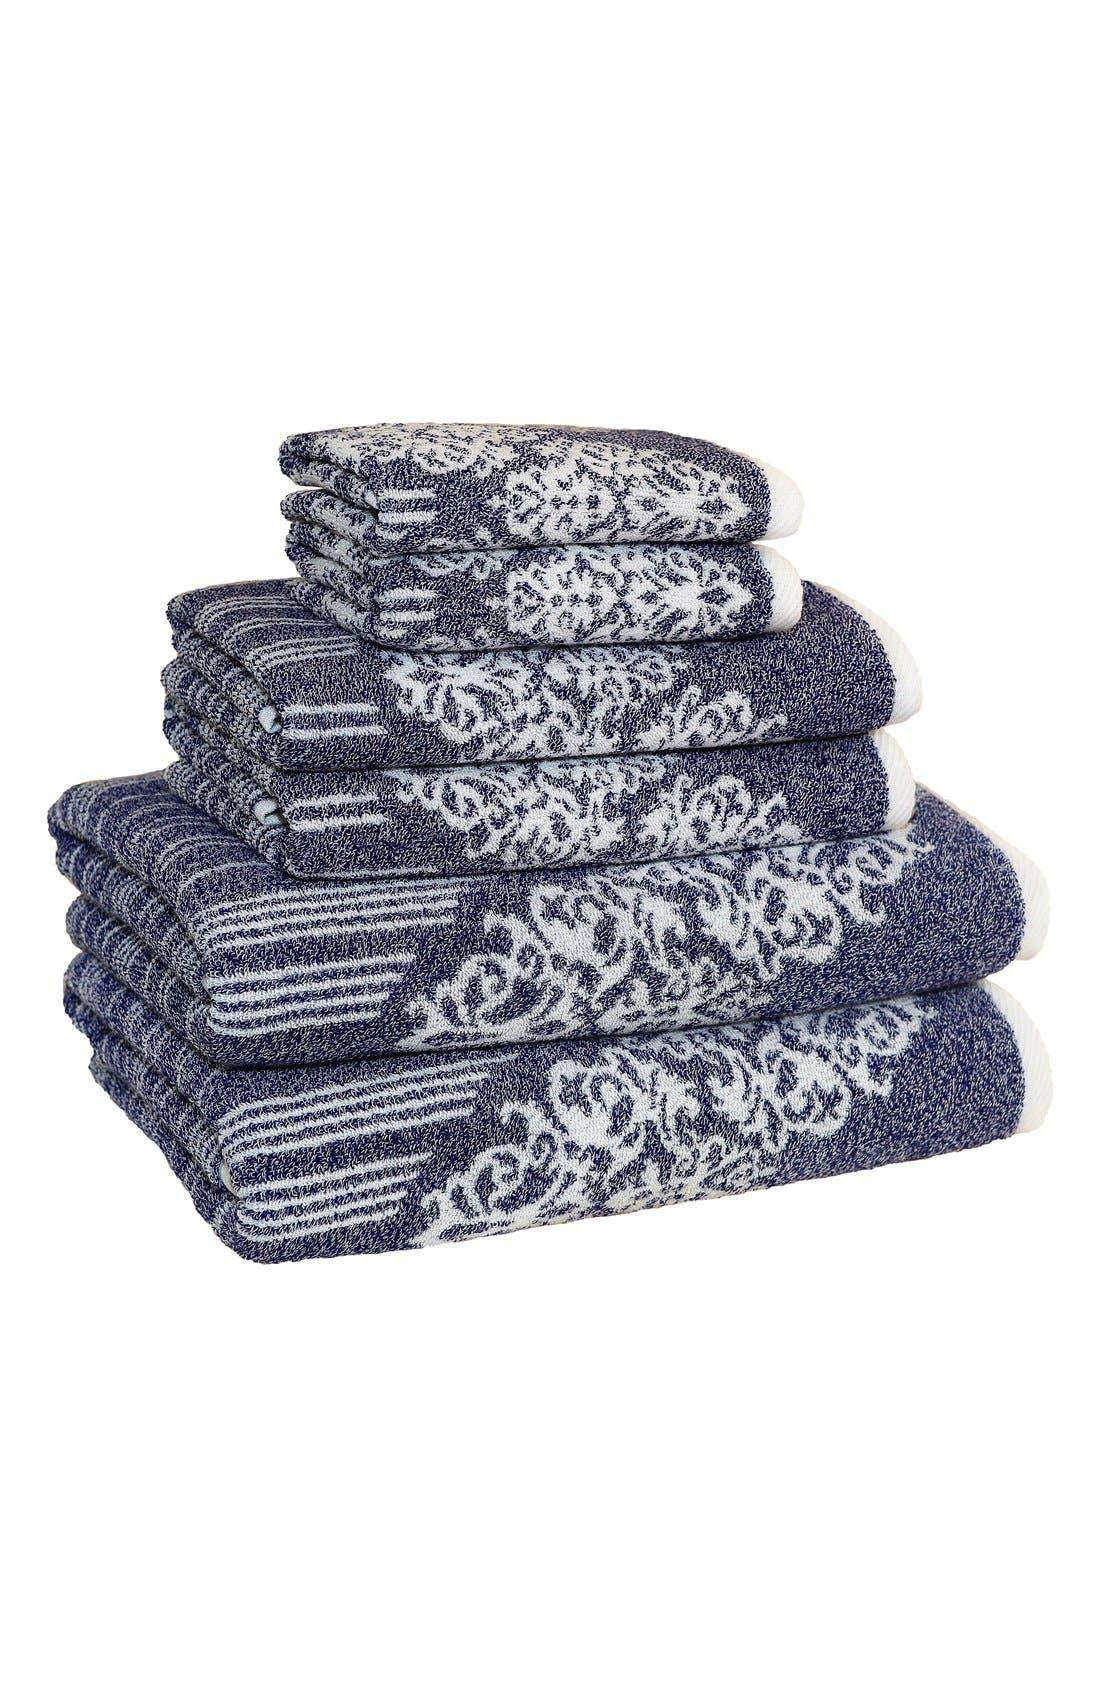 Linum 'Gioia' Bath Towels, Hand Towels & Washcloths,                         Main,                         color, Ocean Blue